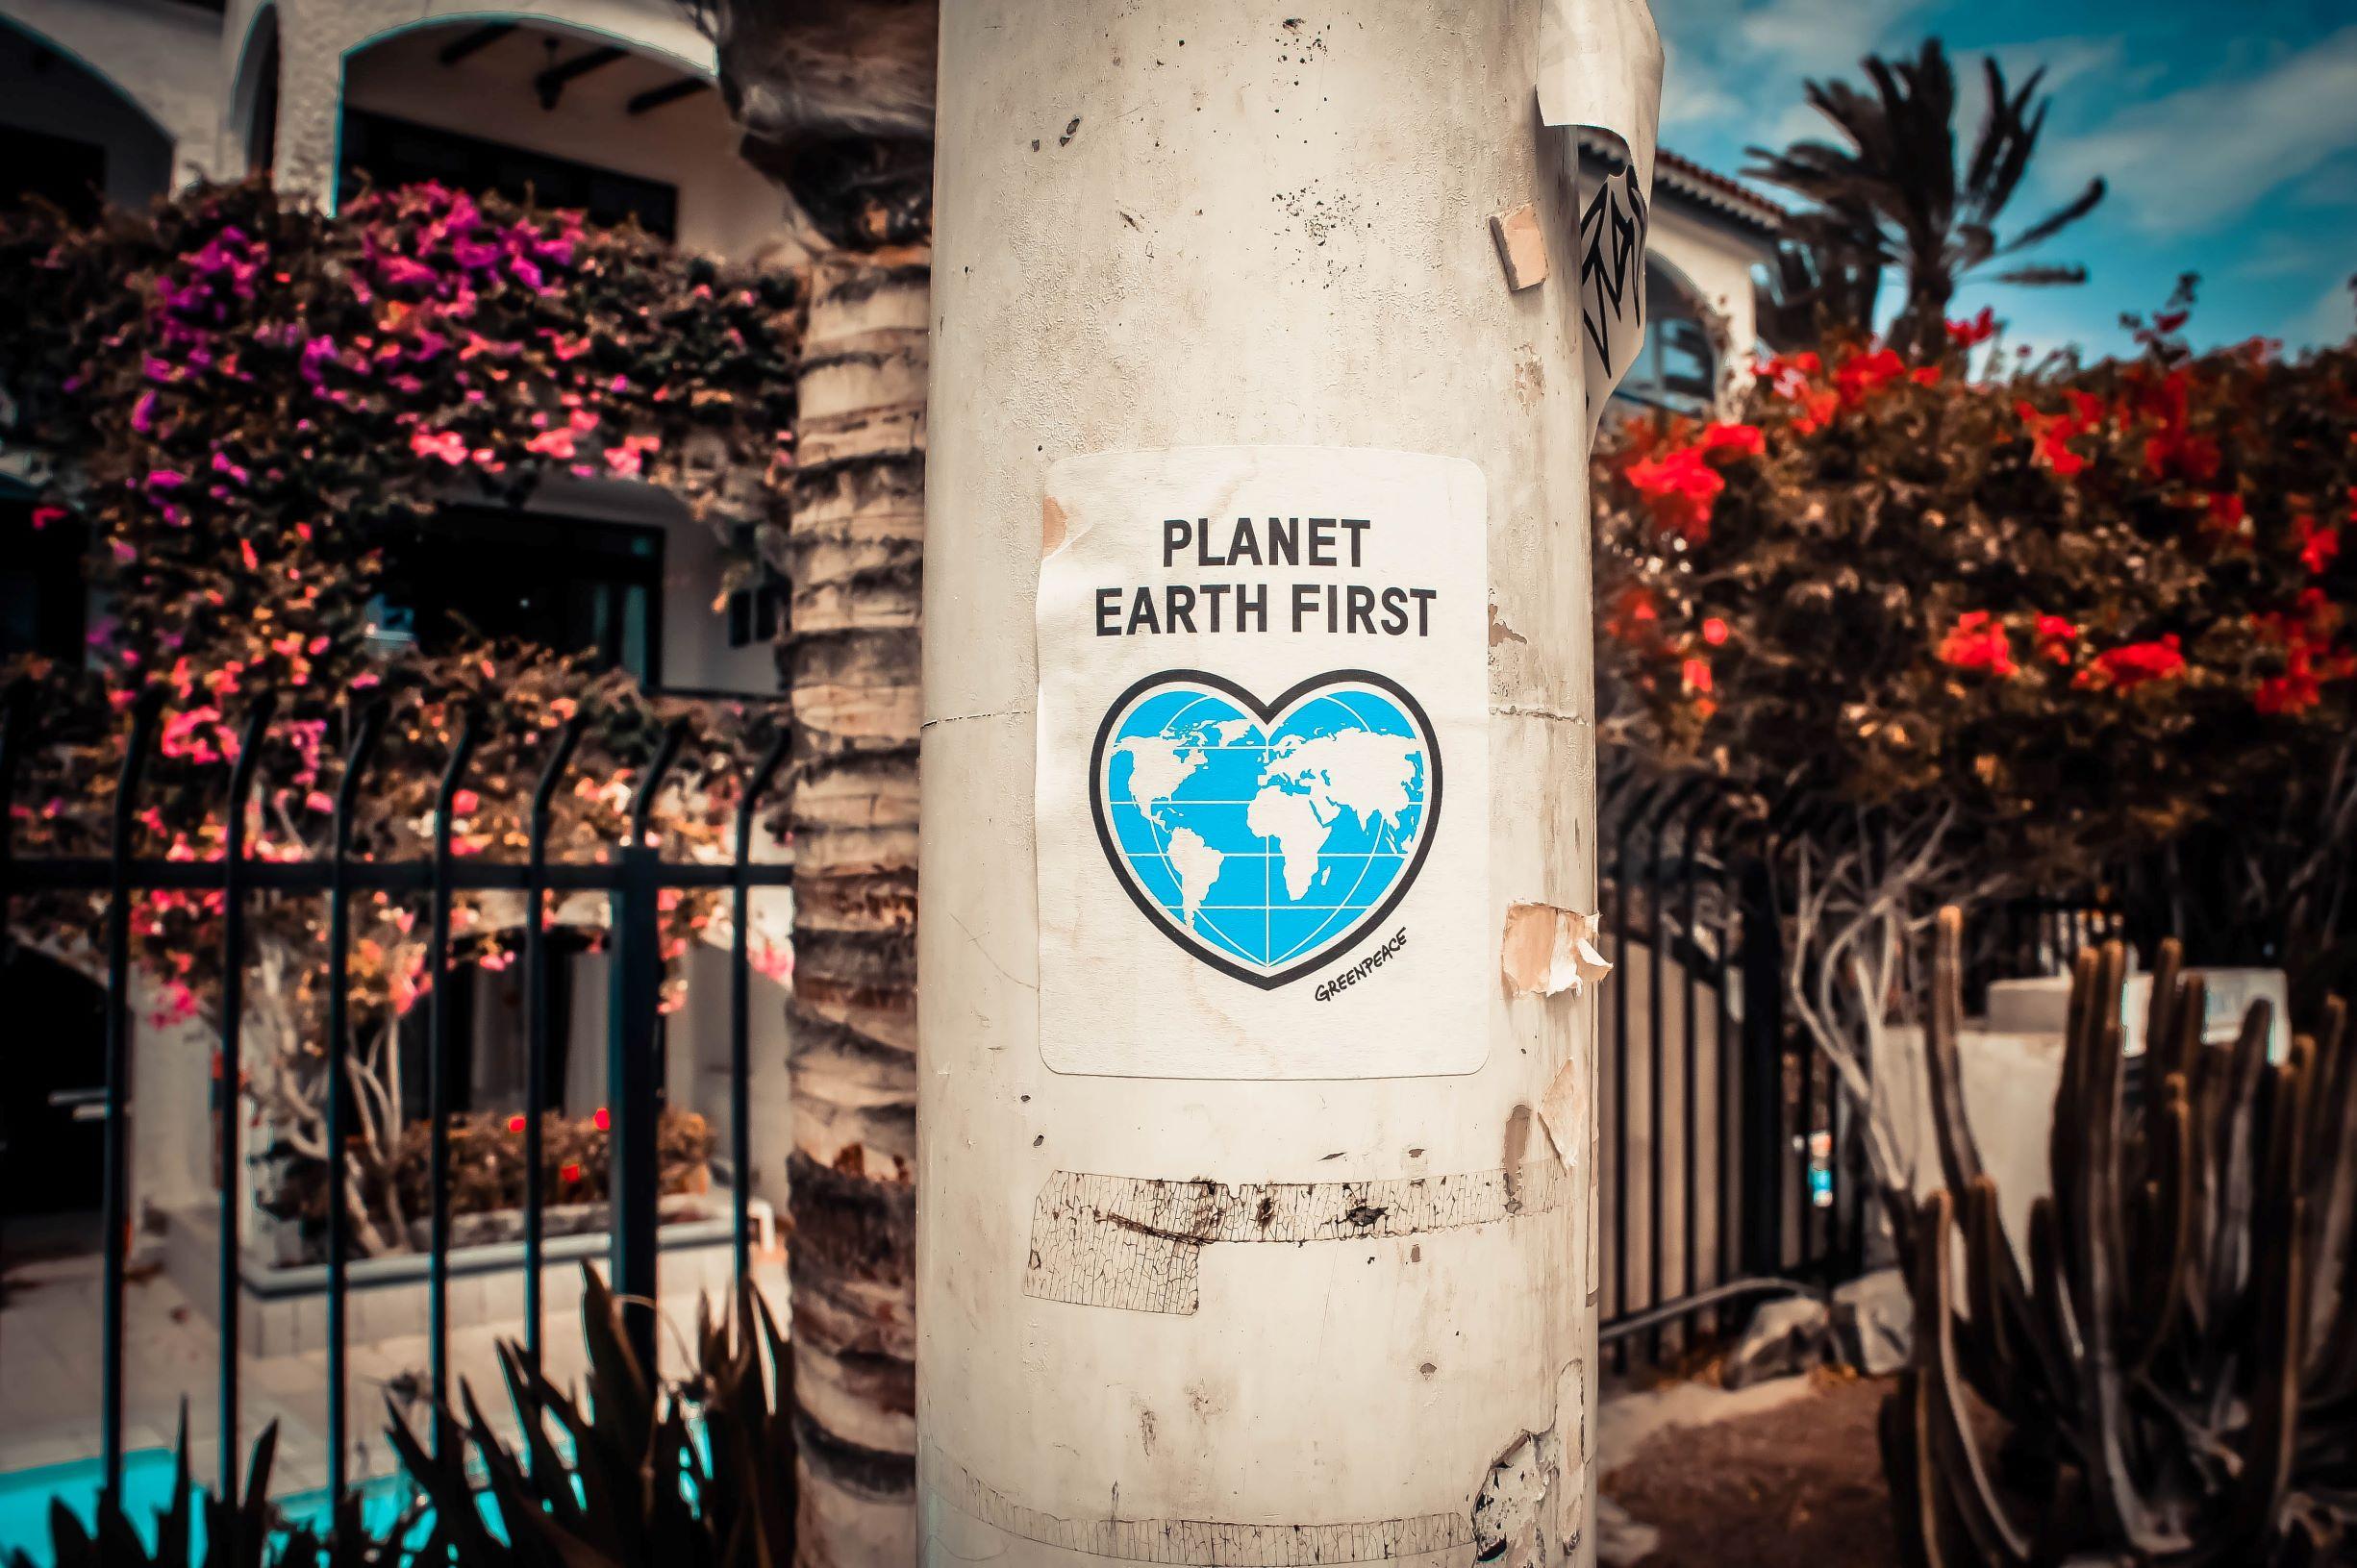 w centralnym punkcie słup ogłoszeniowy a na nim biały plakat z napisem platen earth first i mapą świata wpisaną w serce